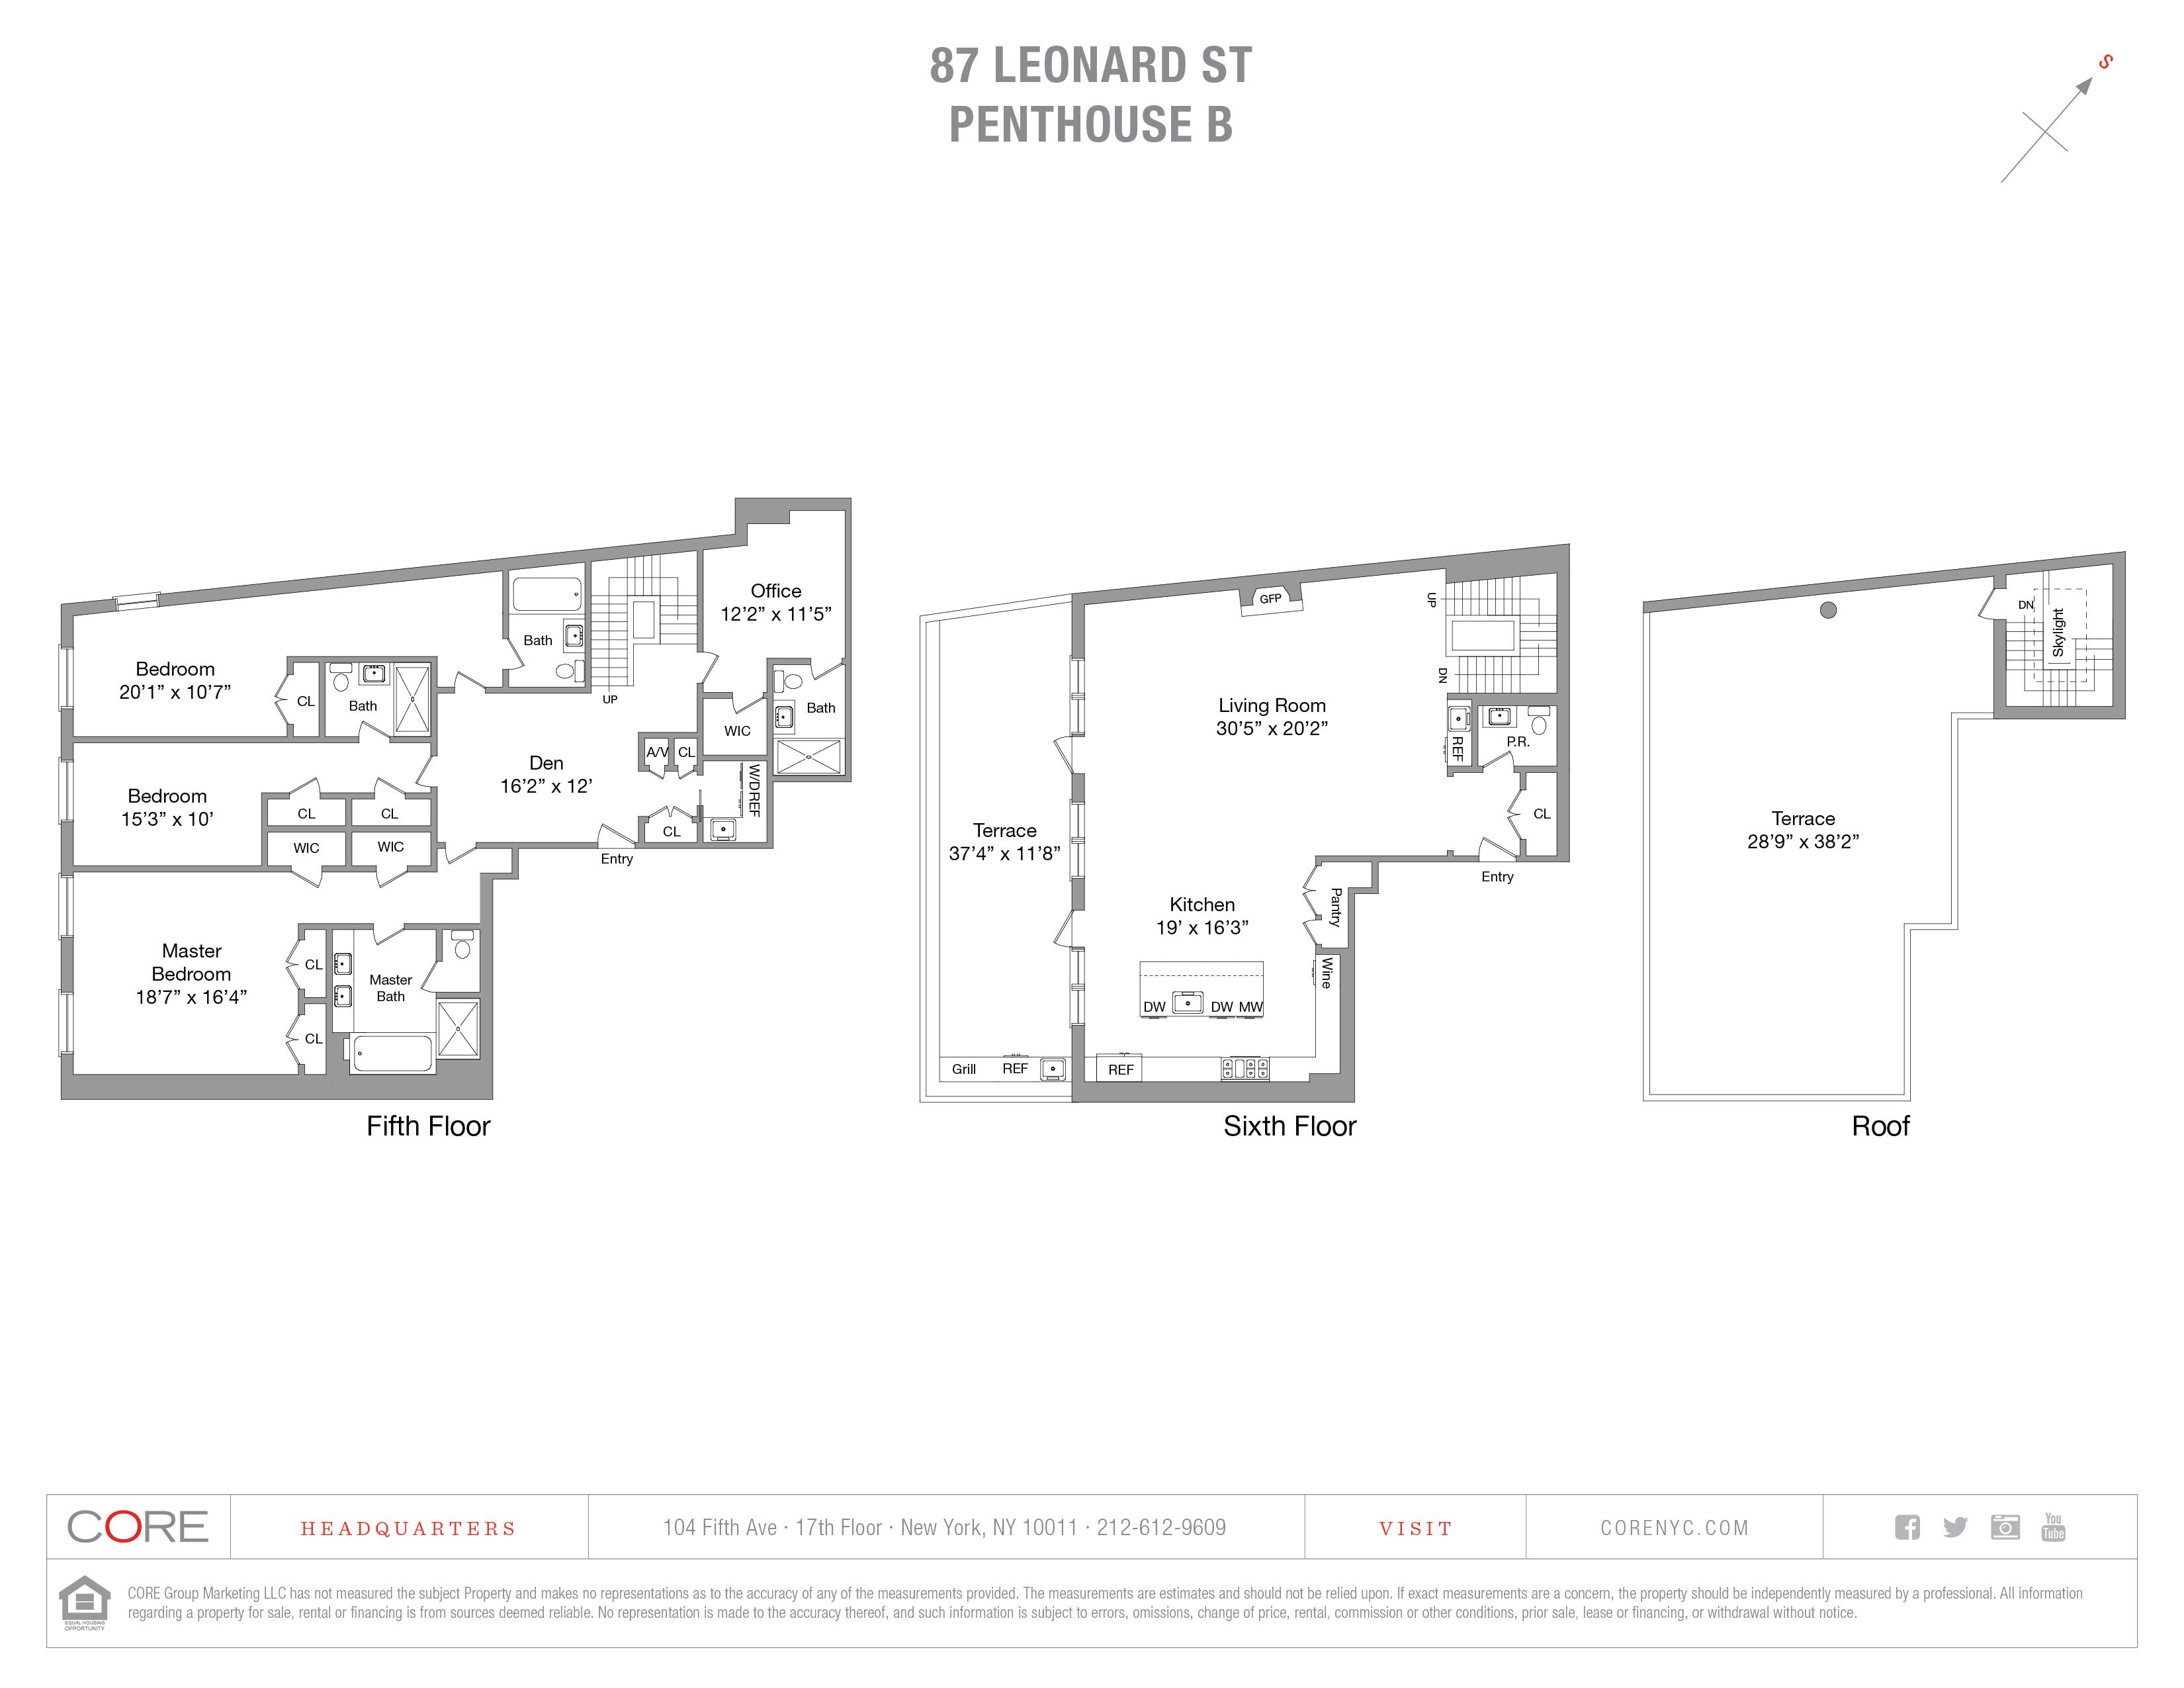 87 Leonard St. PHB, New York, NY 10013